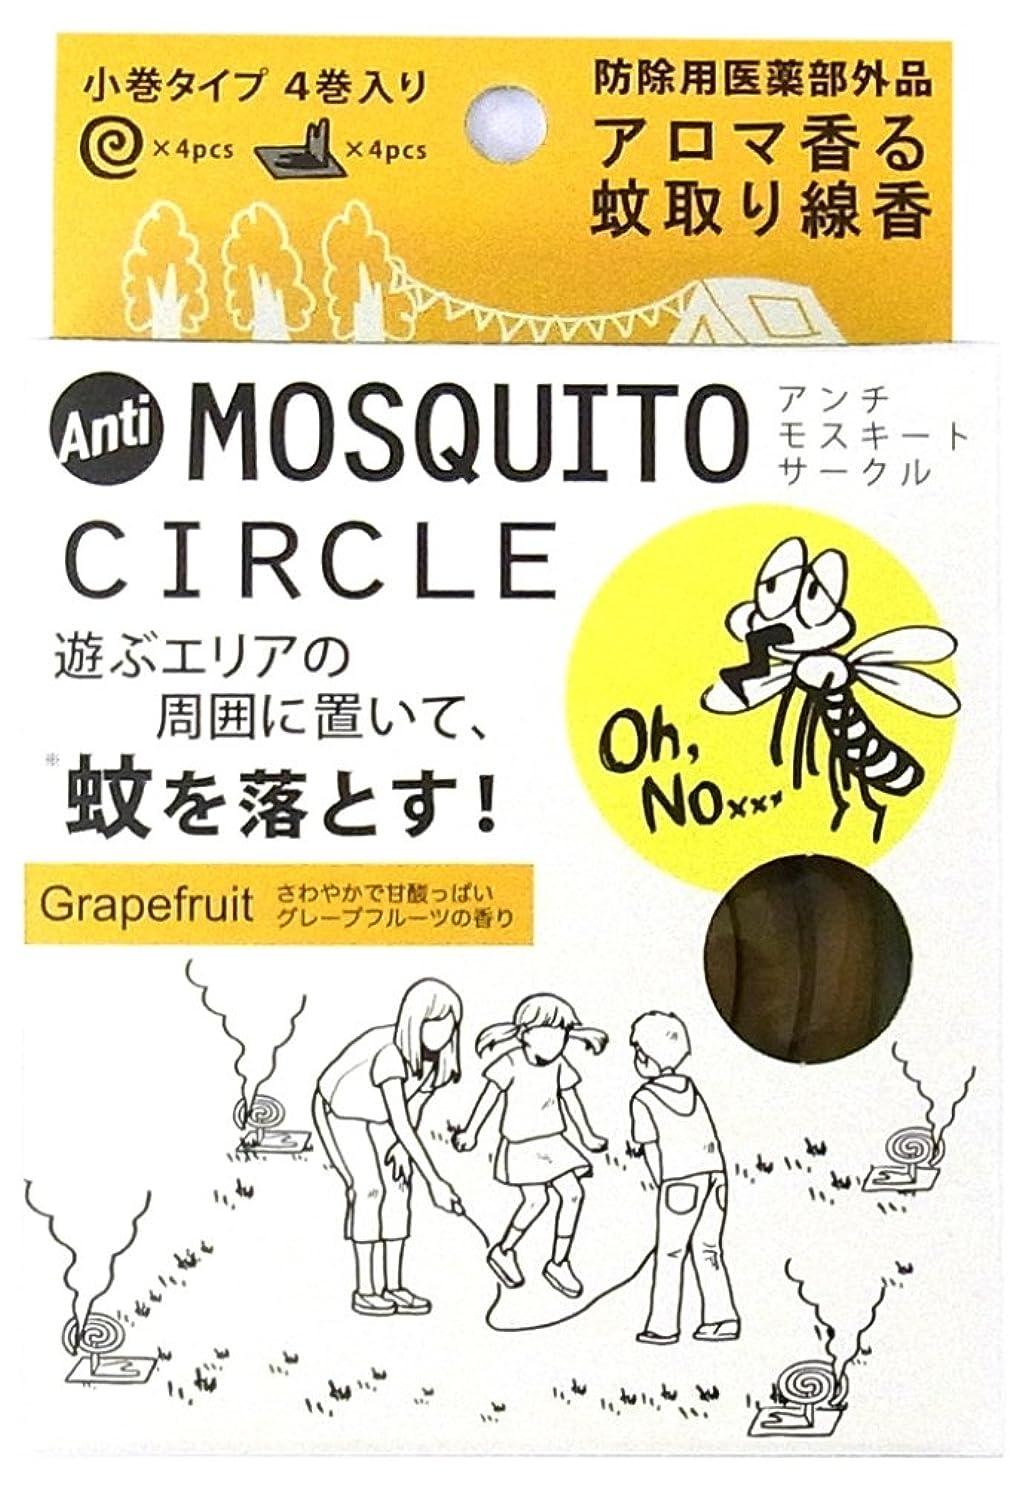 お祝いデコラティブ種をまくノルコーポレーション 蚊取り線香 アンチモスキートサークル 4巻 スタンドセット グレープフルーツの香り QBZ-1-01